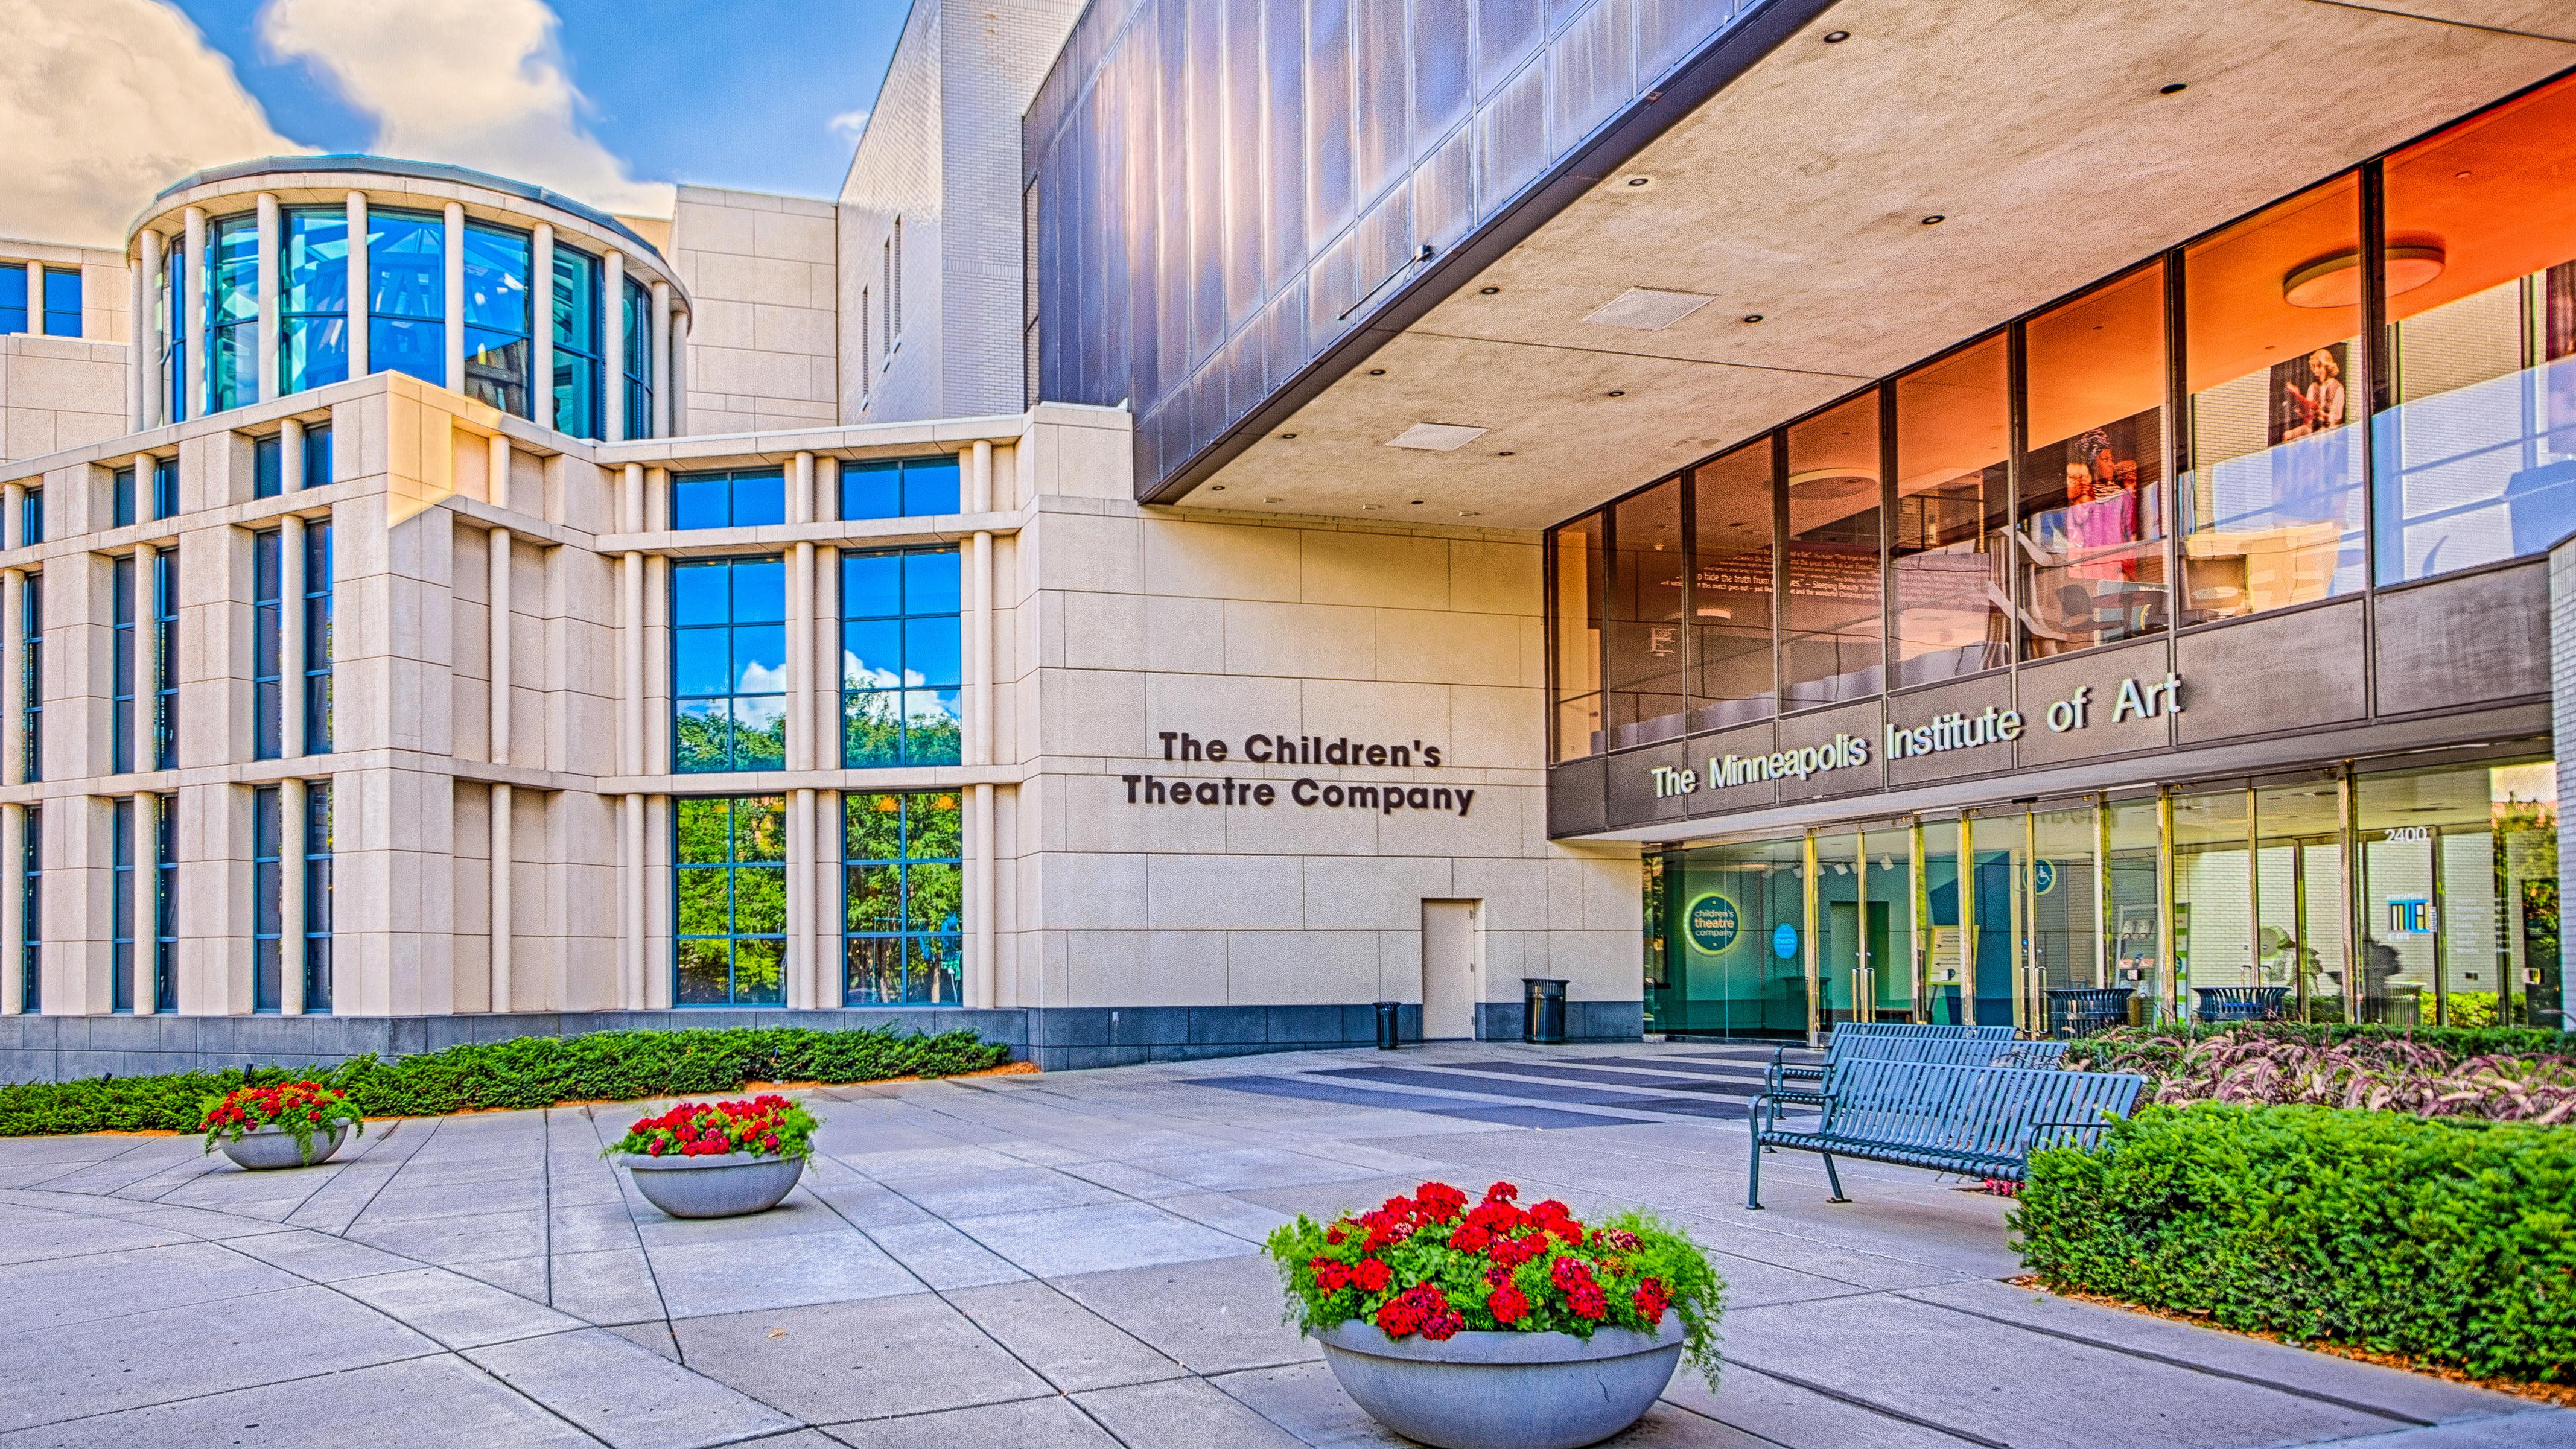 Mia and Children's Theatre buildings